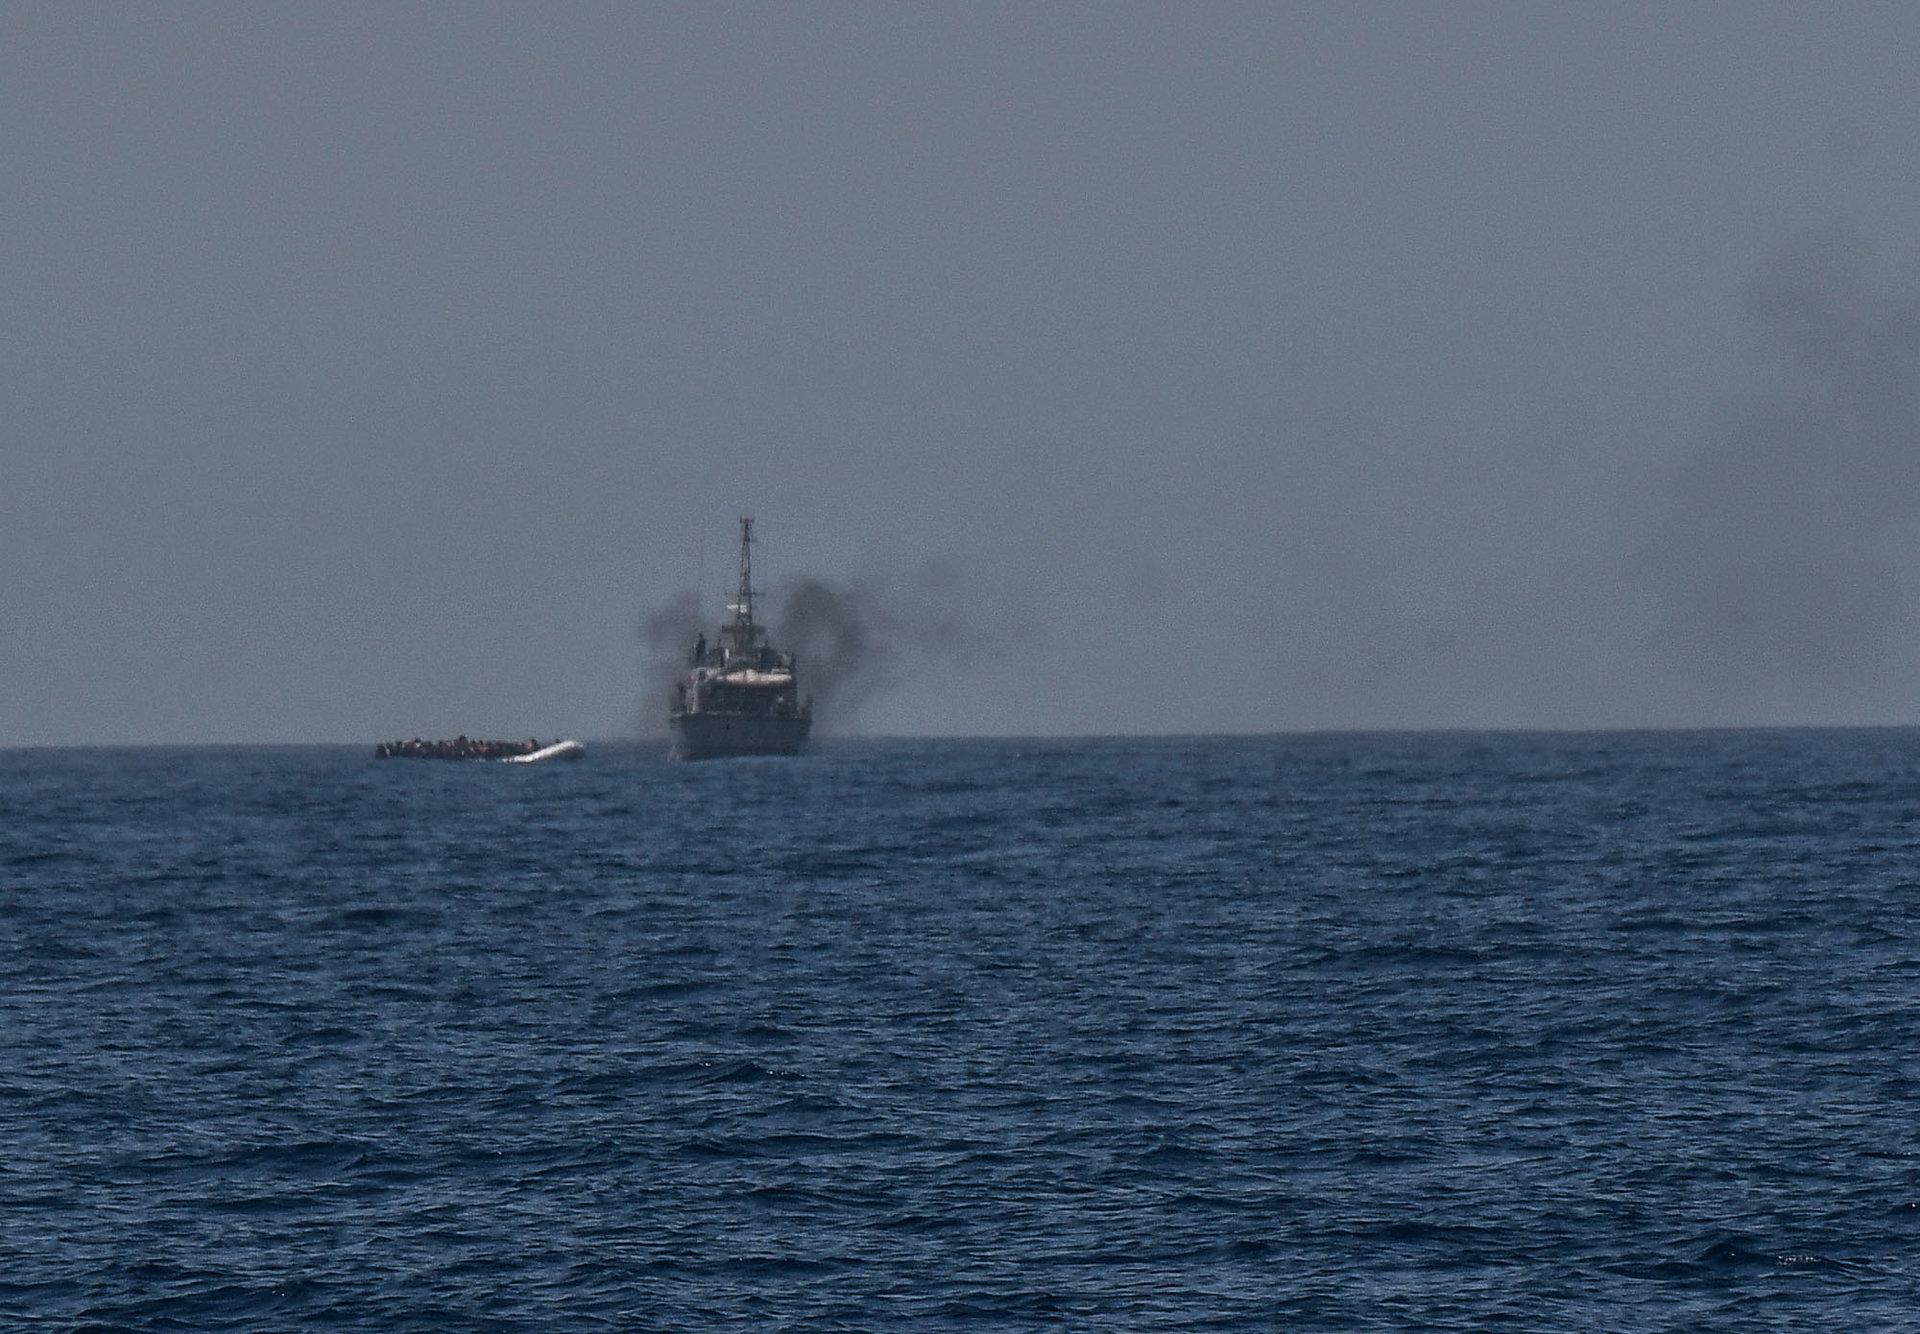 Le bateau des garde-côtes libyens vient d'intercepter une embarcation pneumatique. L'Aquarius, menacé par radio par les garde-côtes, est tenu de rester à plusieurs kilomètres de l'intervention.